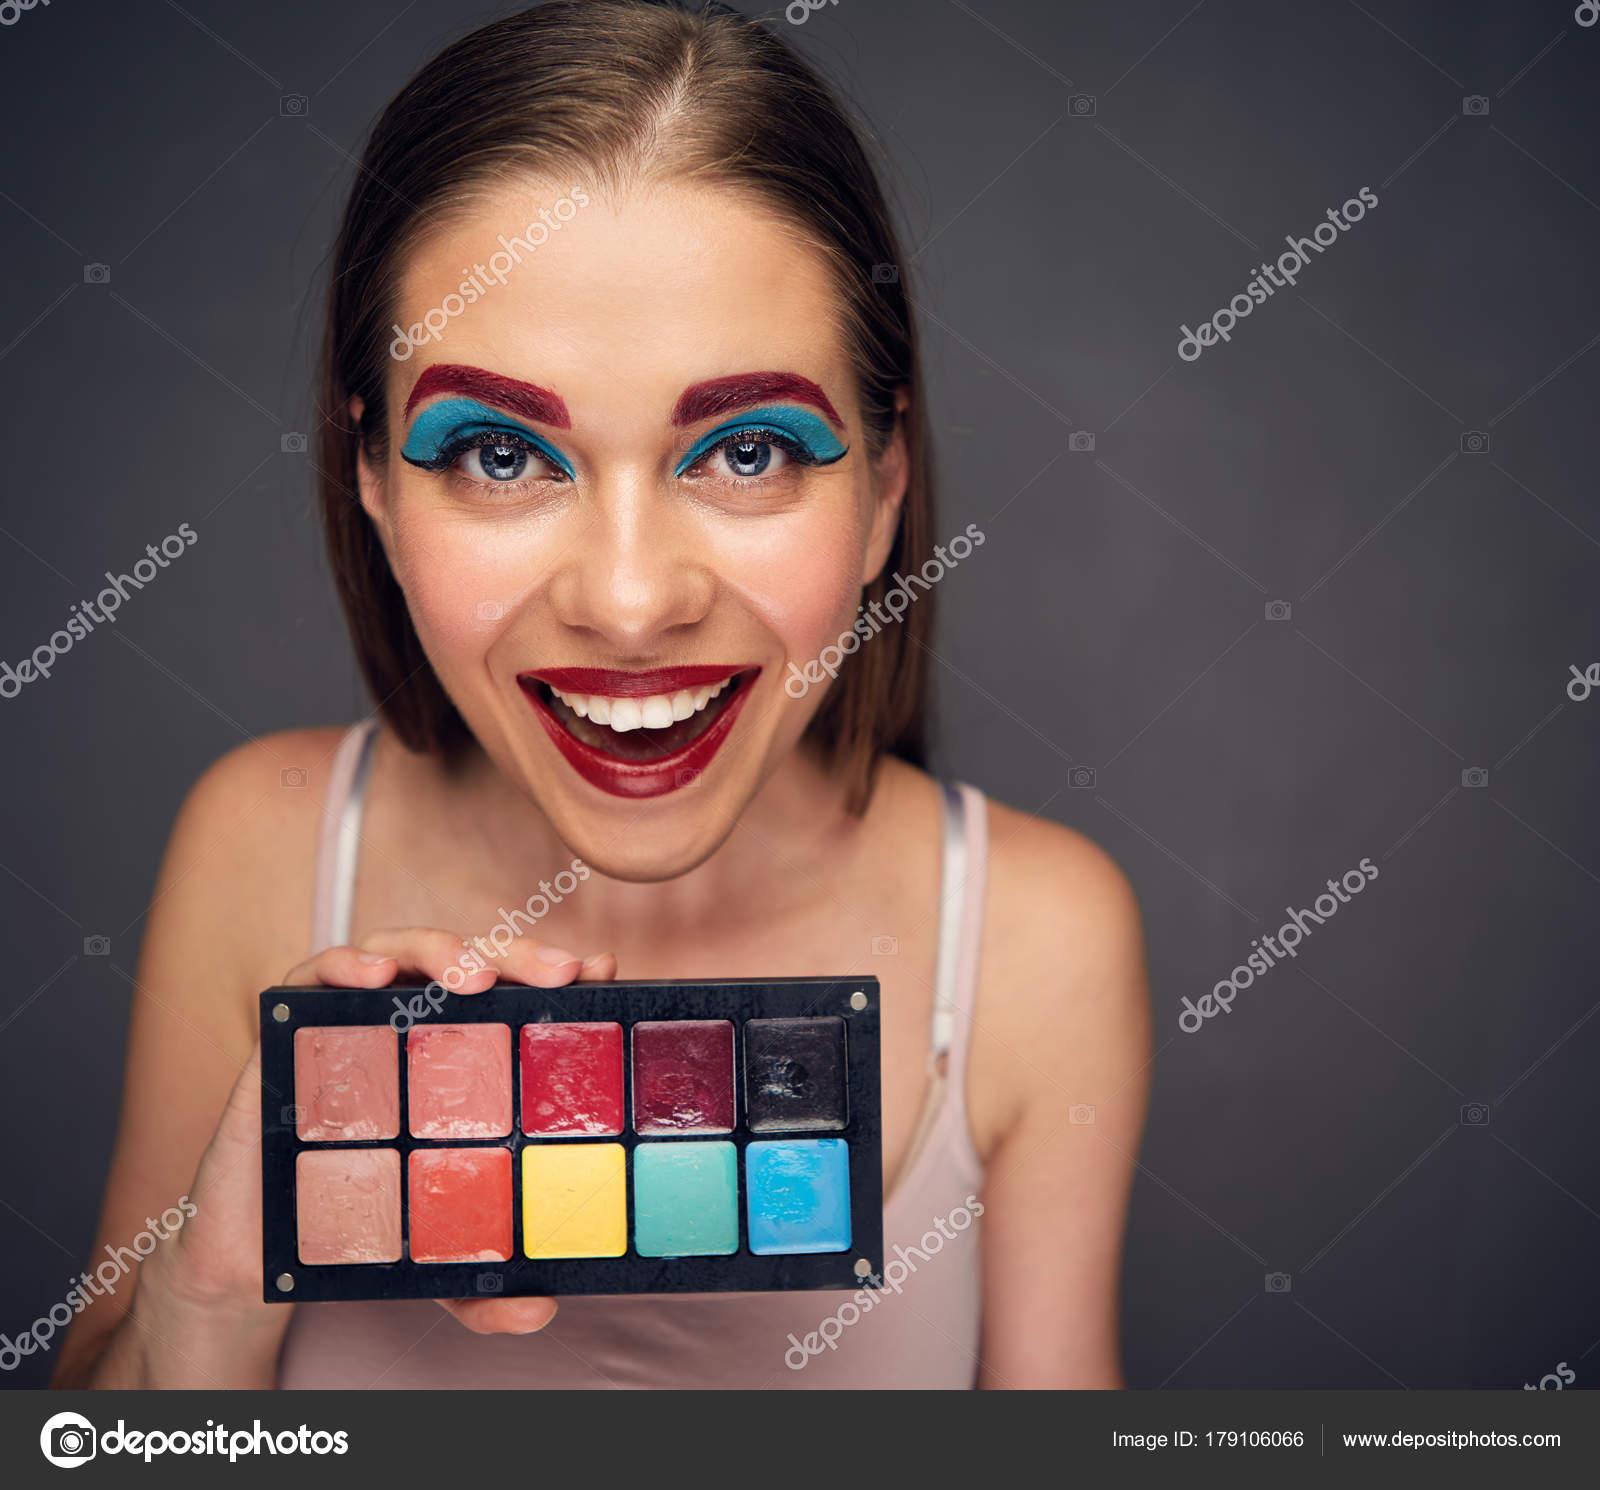 crazy makeup artist clown worst makeup holding palette lipstick